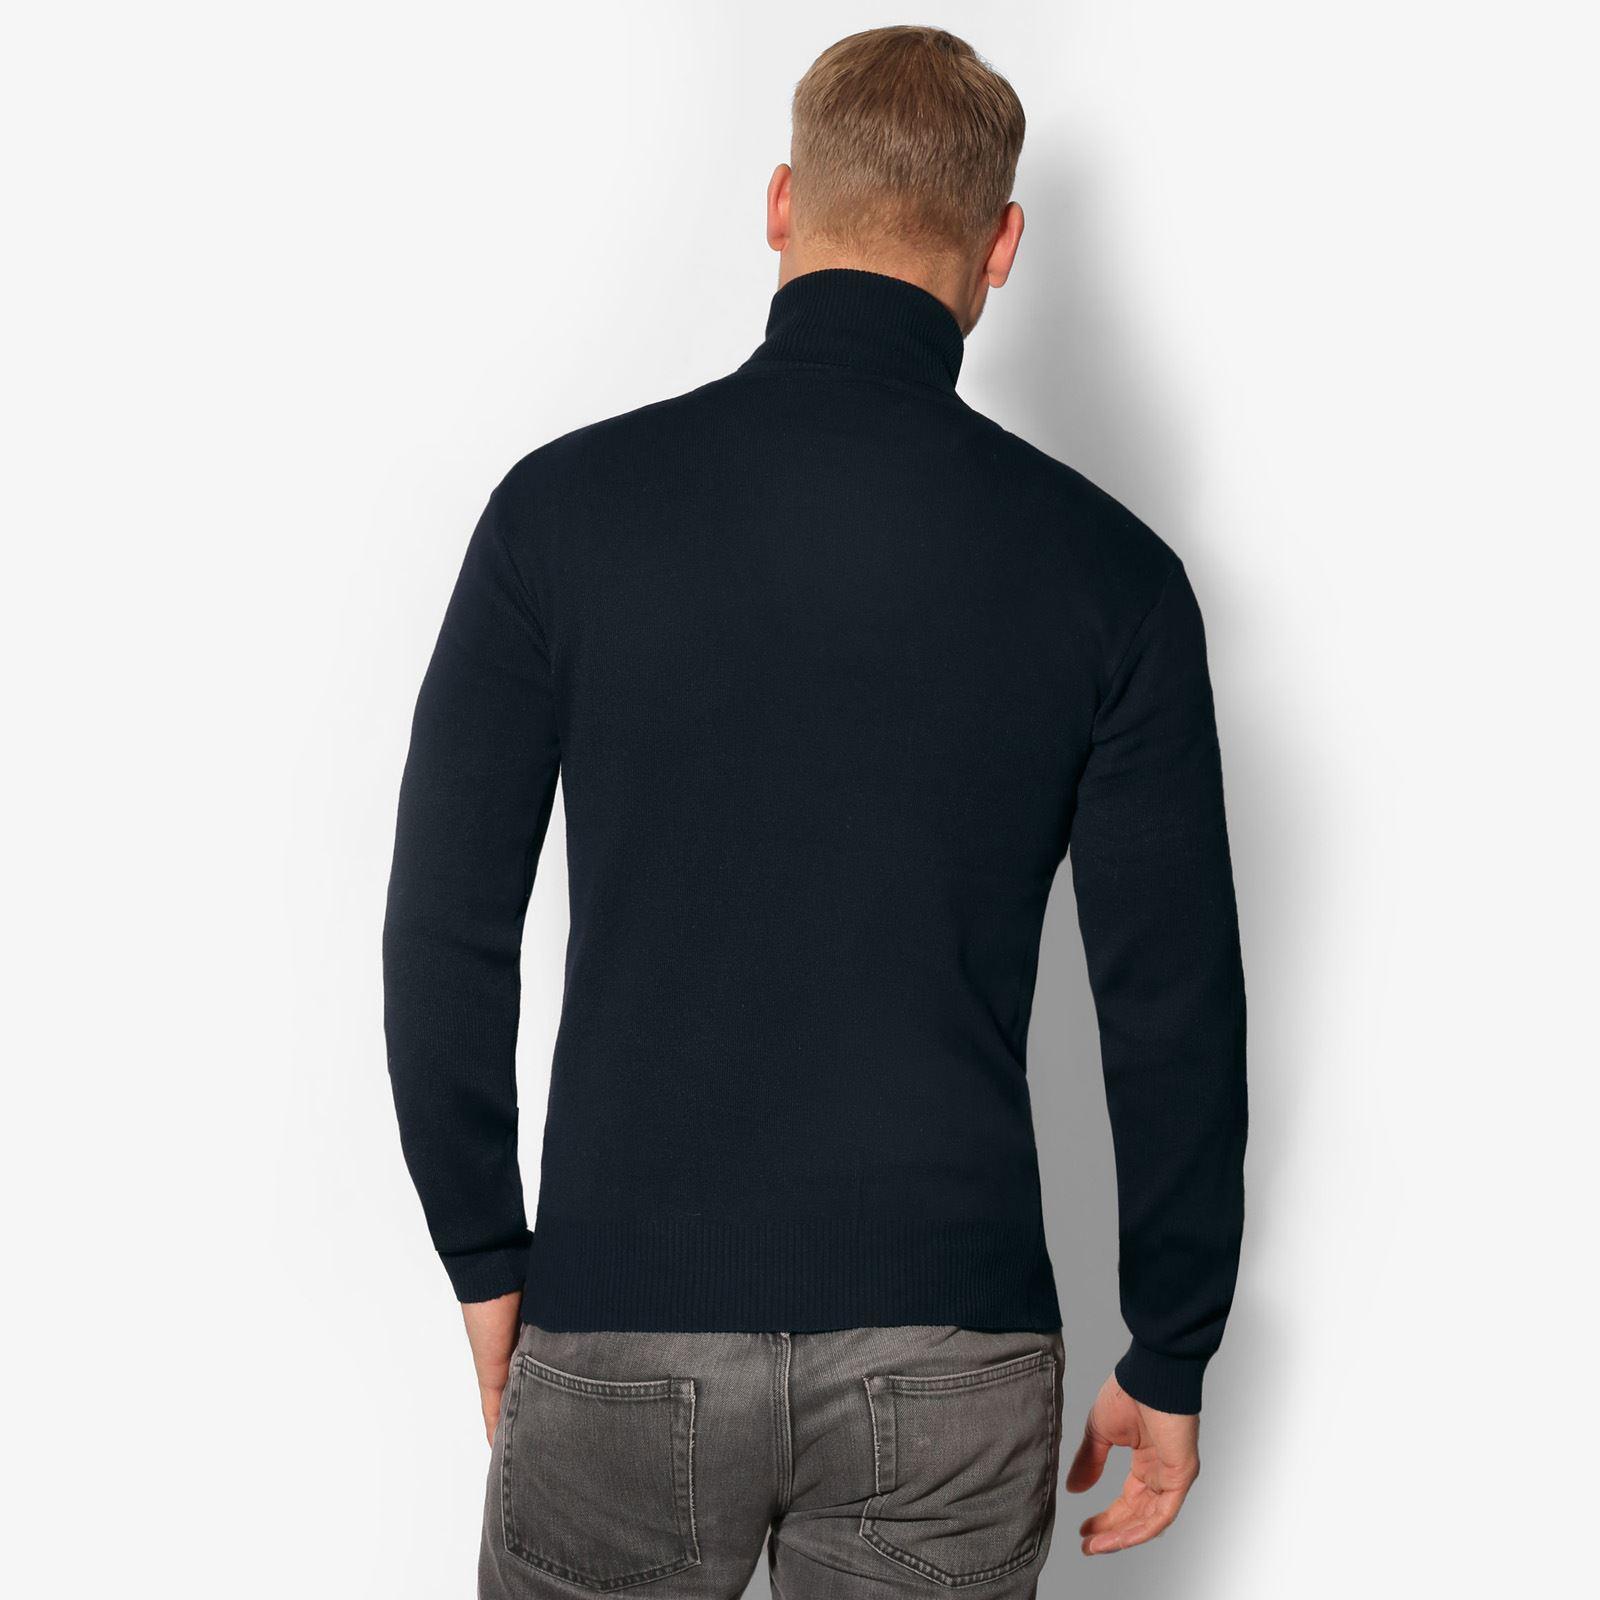 Jersey-Hombre-Lana-Caliente-Barato-Cuello-Vuelto-Alto-Talla-Grande-Frio-Invierno miniatura 5